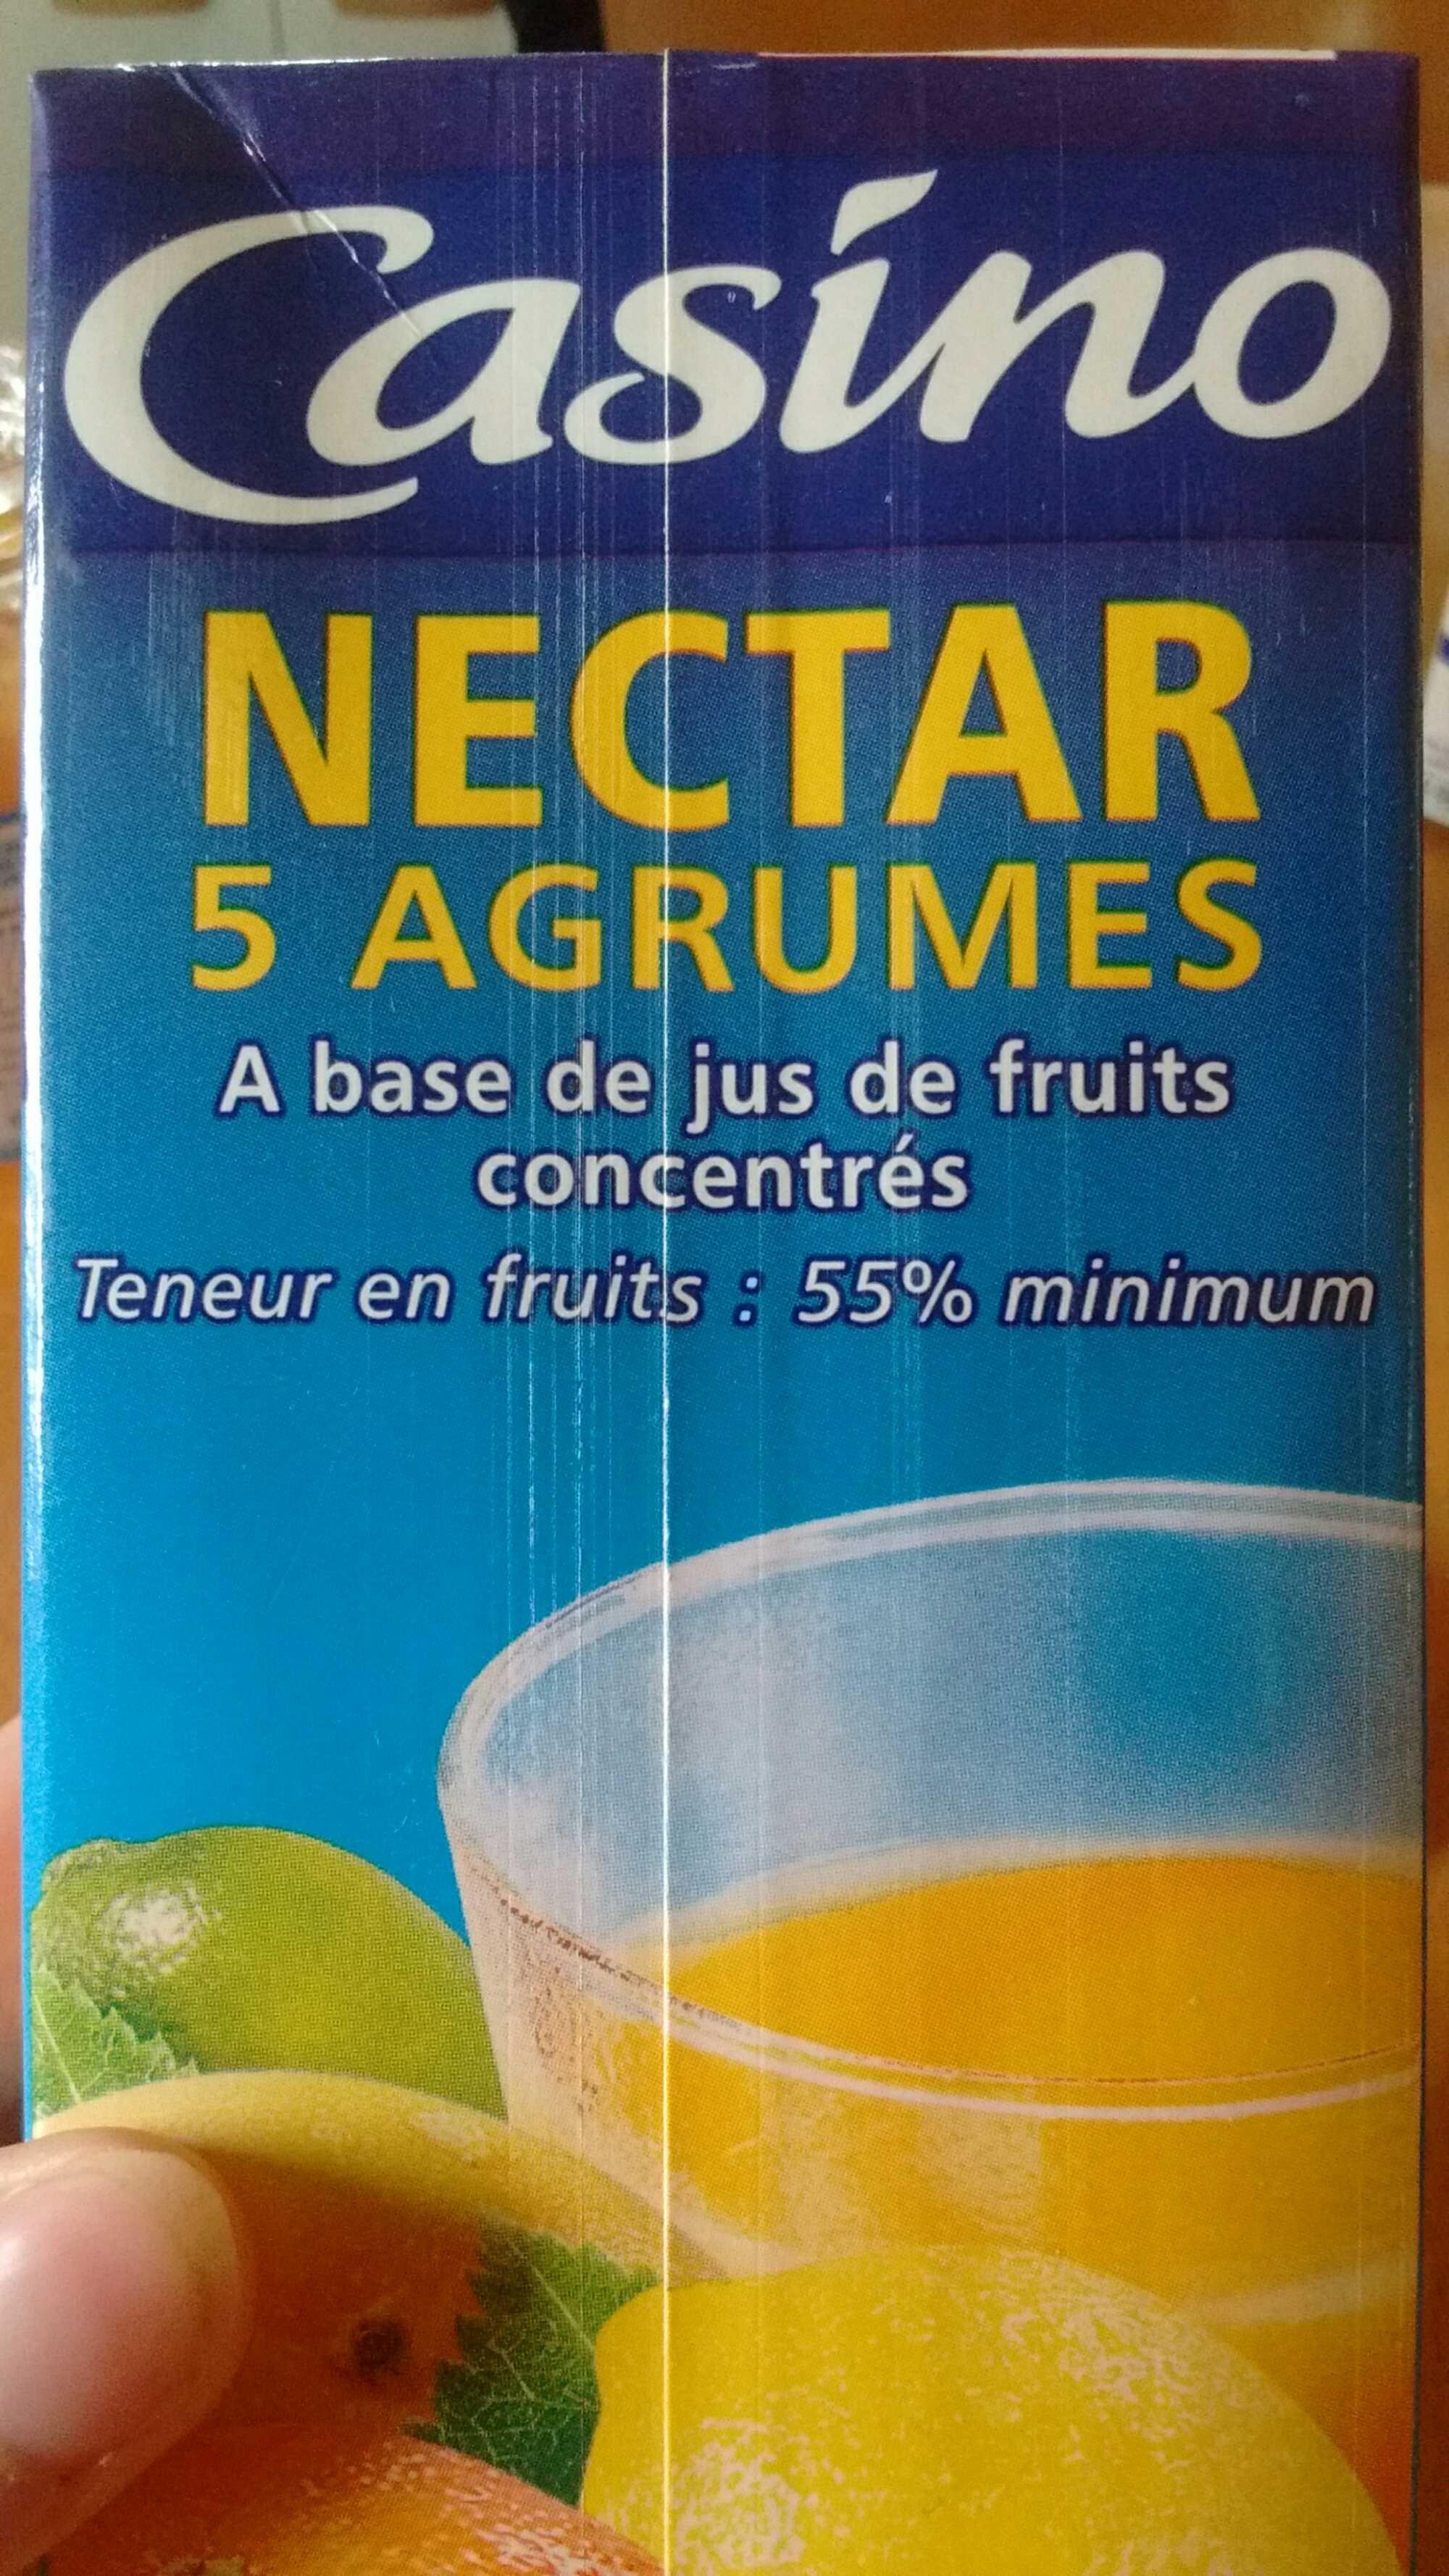 Nectar 5 agrumes à base de jus concentrés - Teneur en fruits : 55% minimum - Product